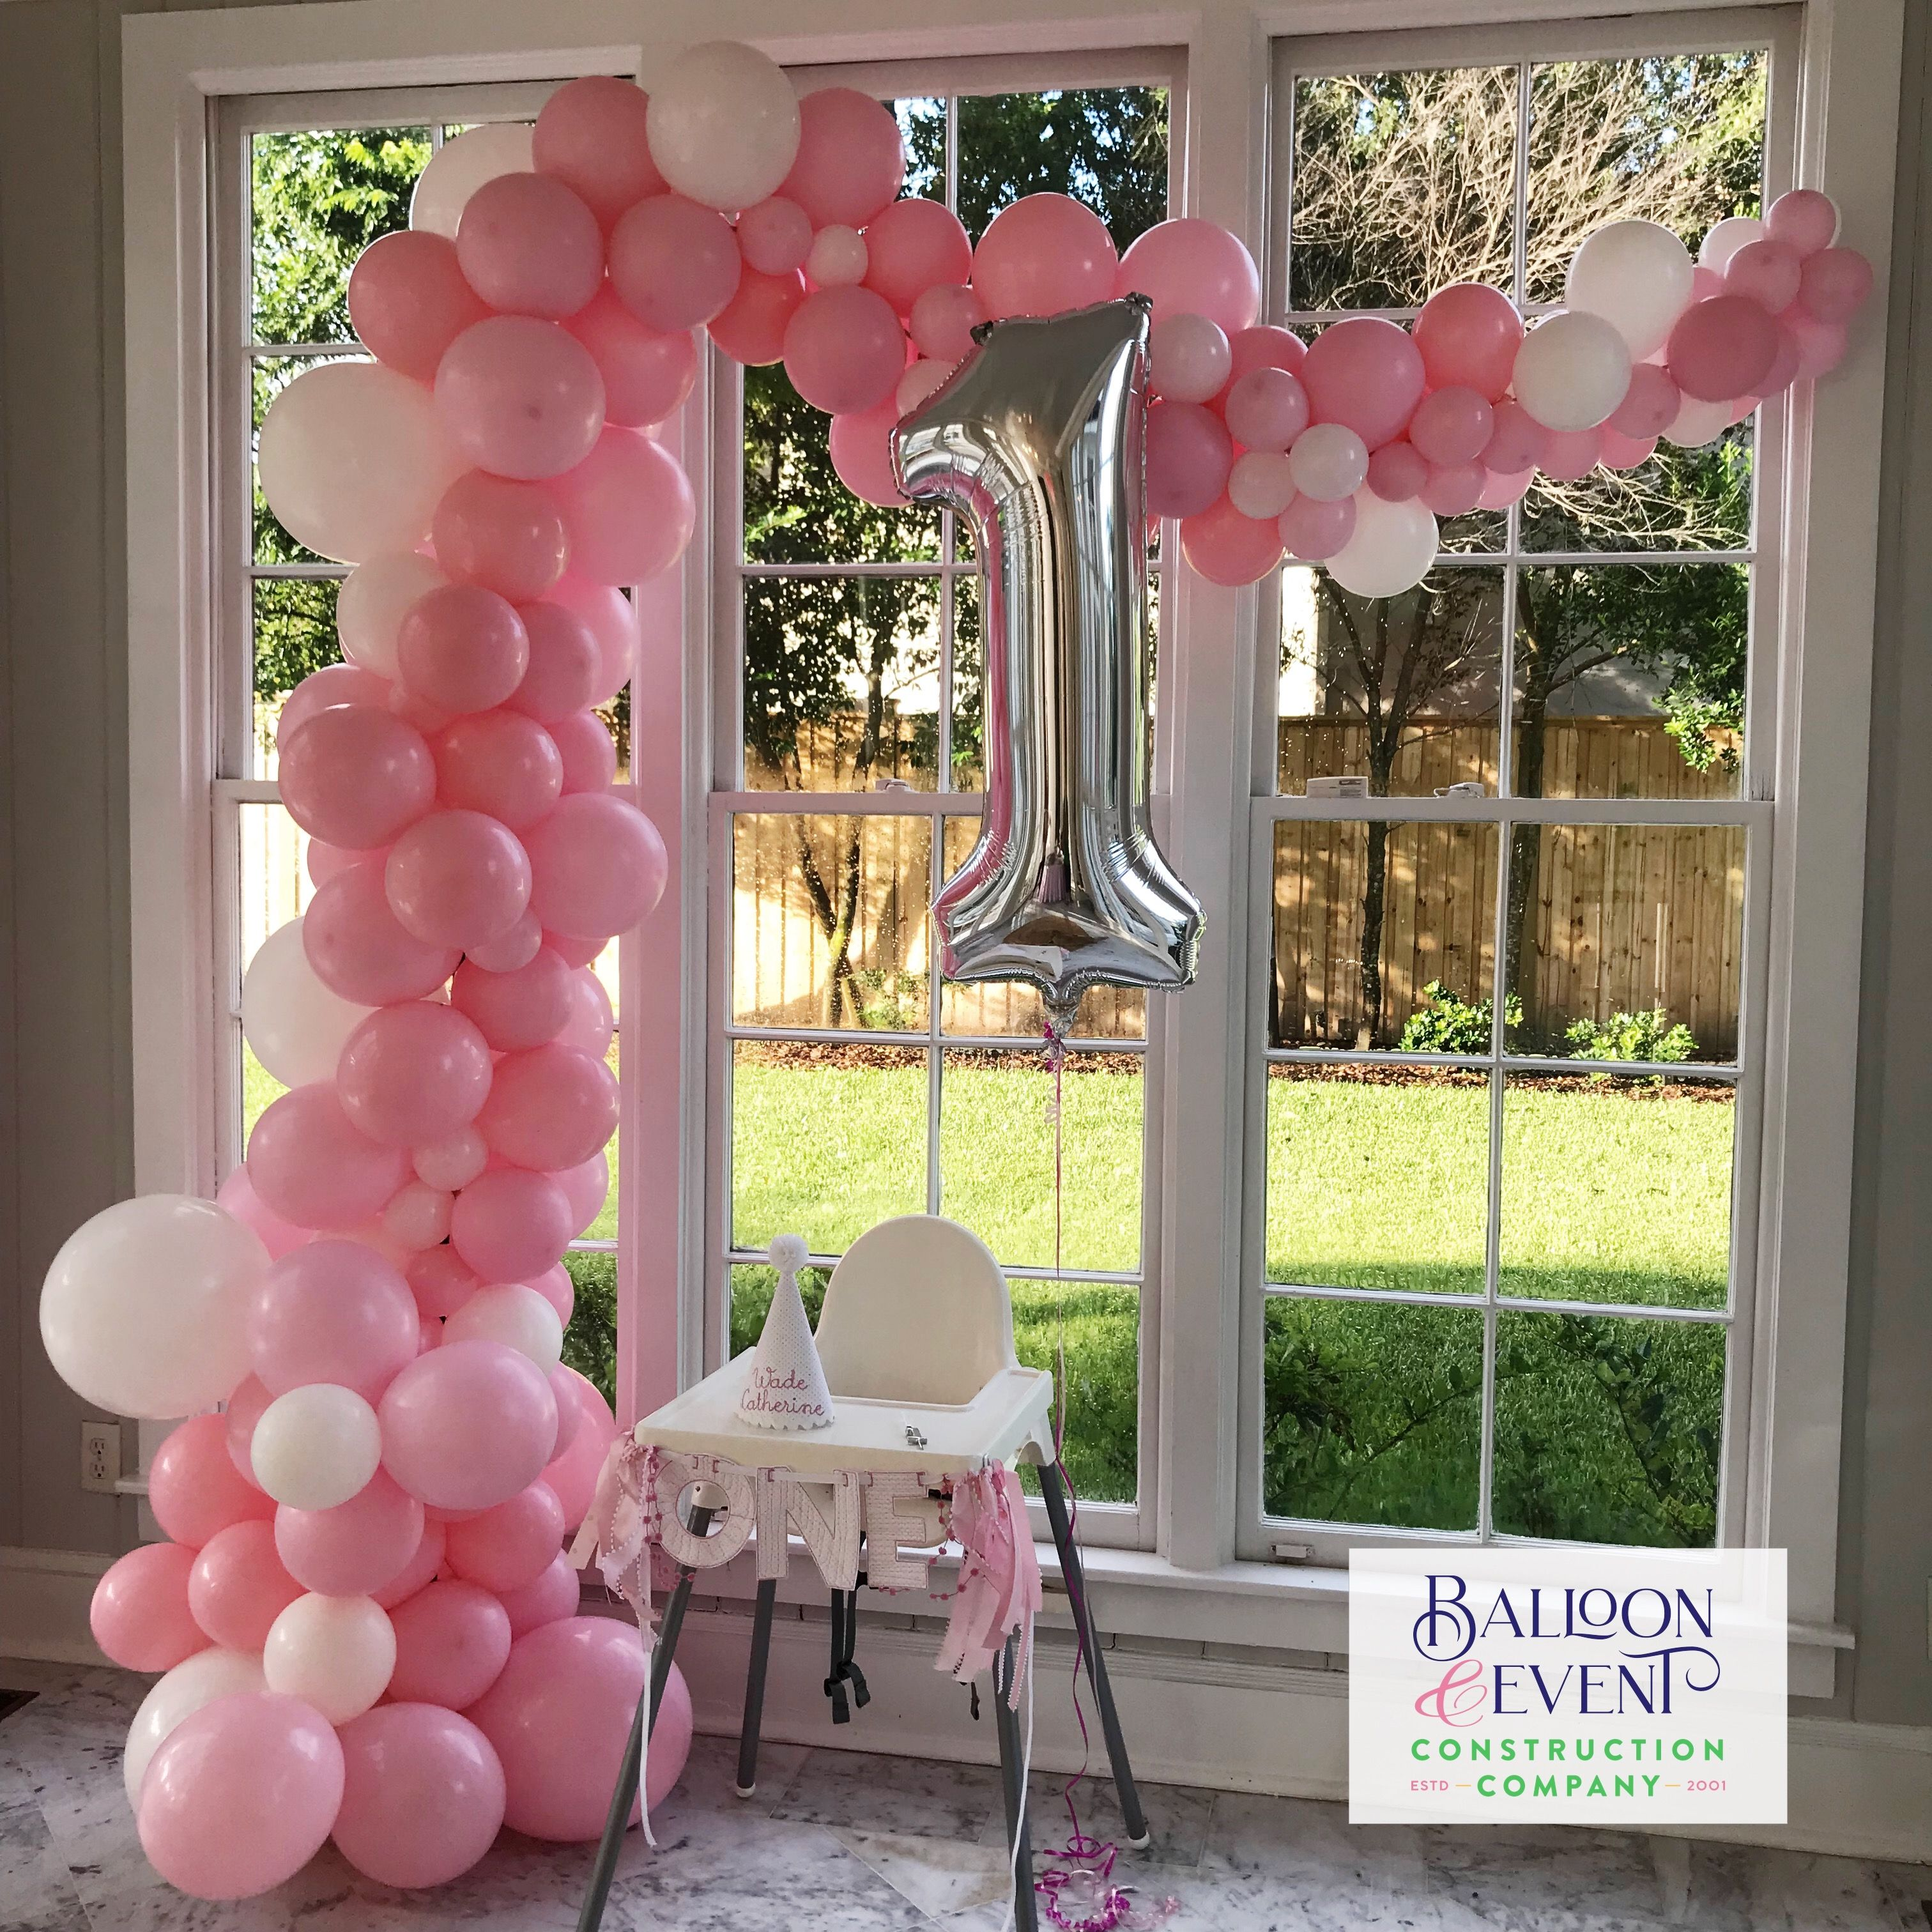 Sideso ® Birth Baby Party Birthday Balloons Baby Children Birthday Decoration Celebration